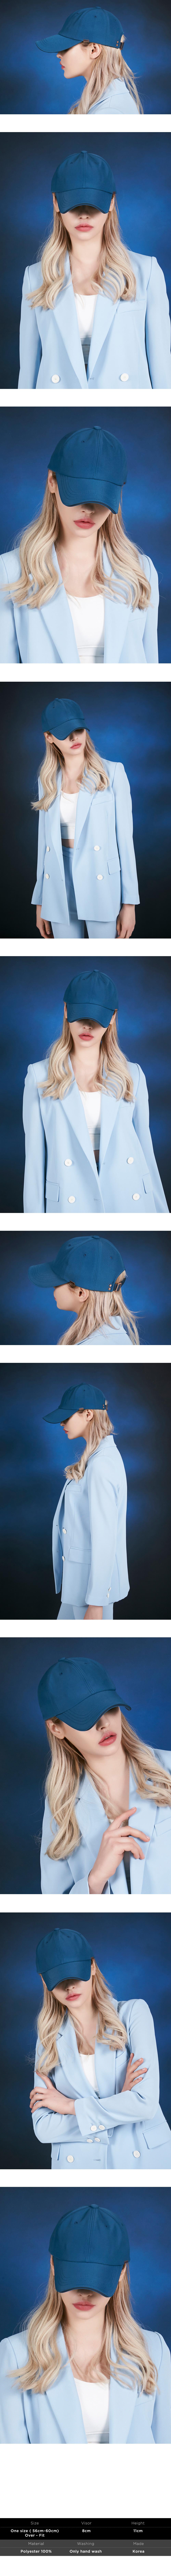 로즈 골드 더블링크 오버핏 볼캡 네이비